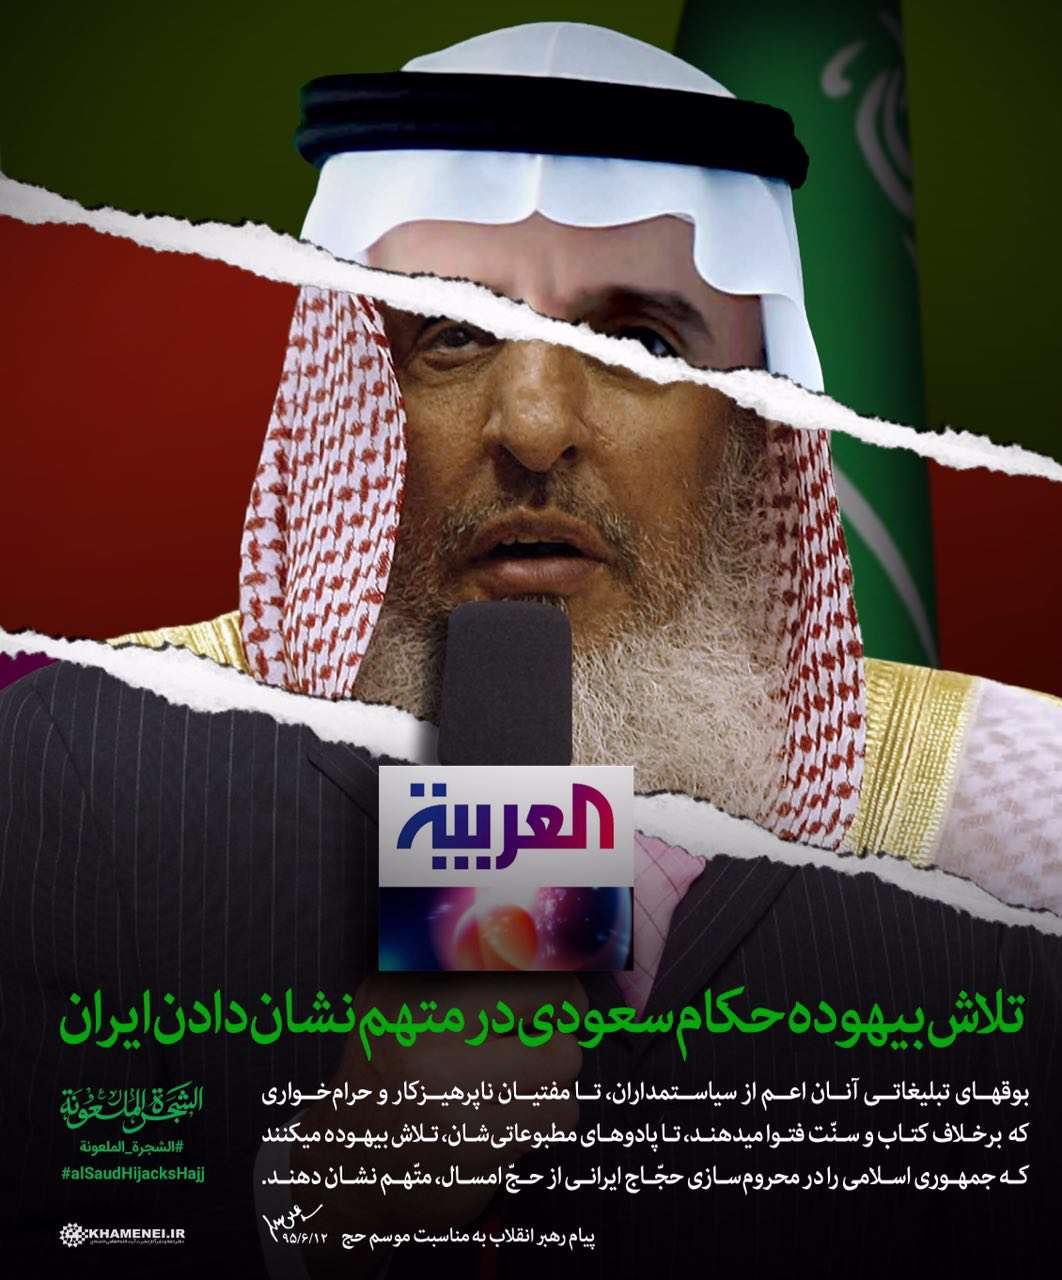 مفتیان ناپرهیزکار و حرامخوار سعودی تلاش بیهوده میکنند ایران را متهم کنند